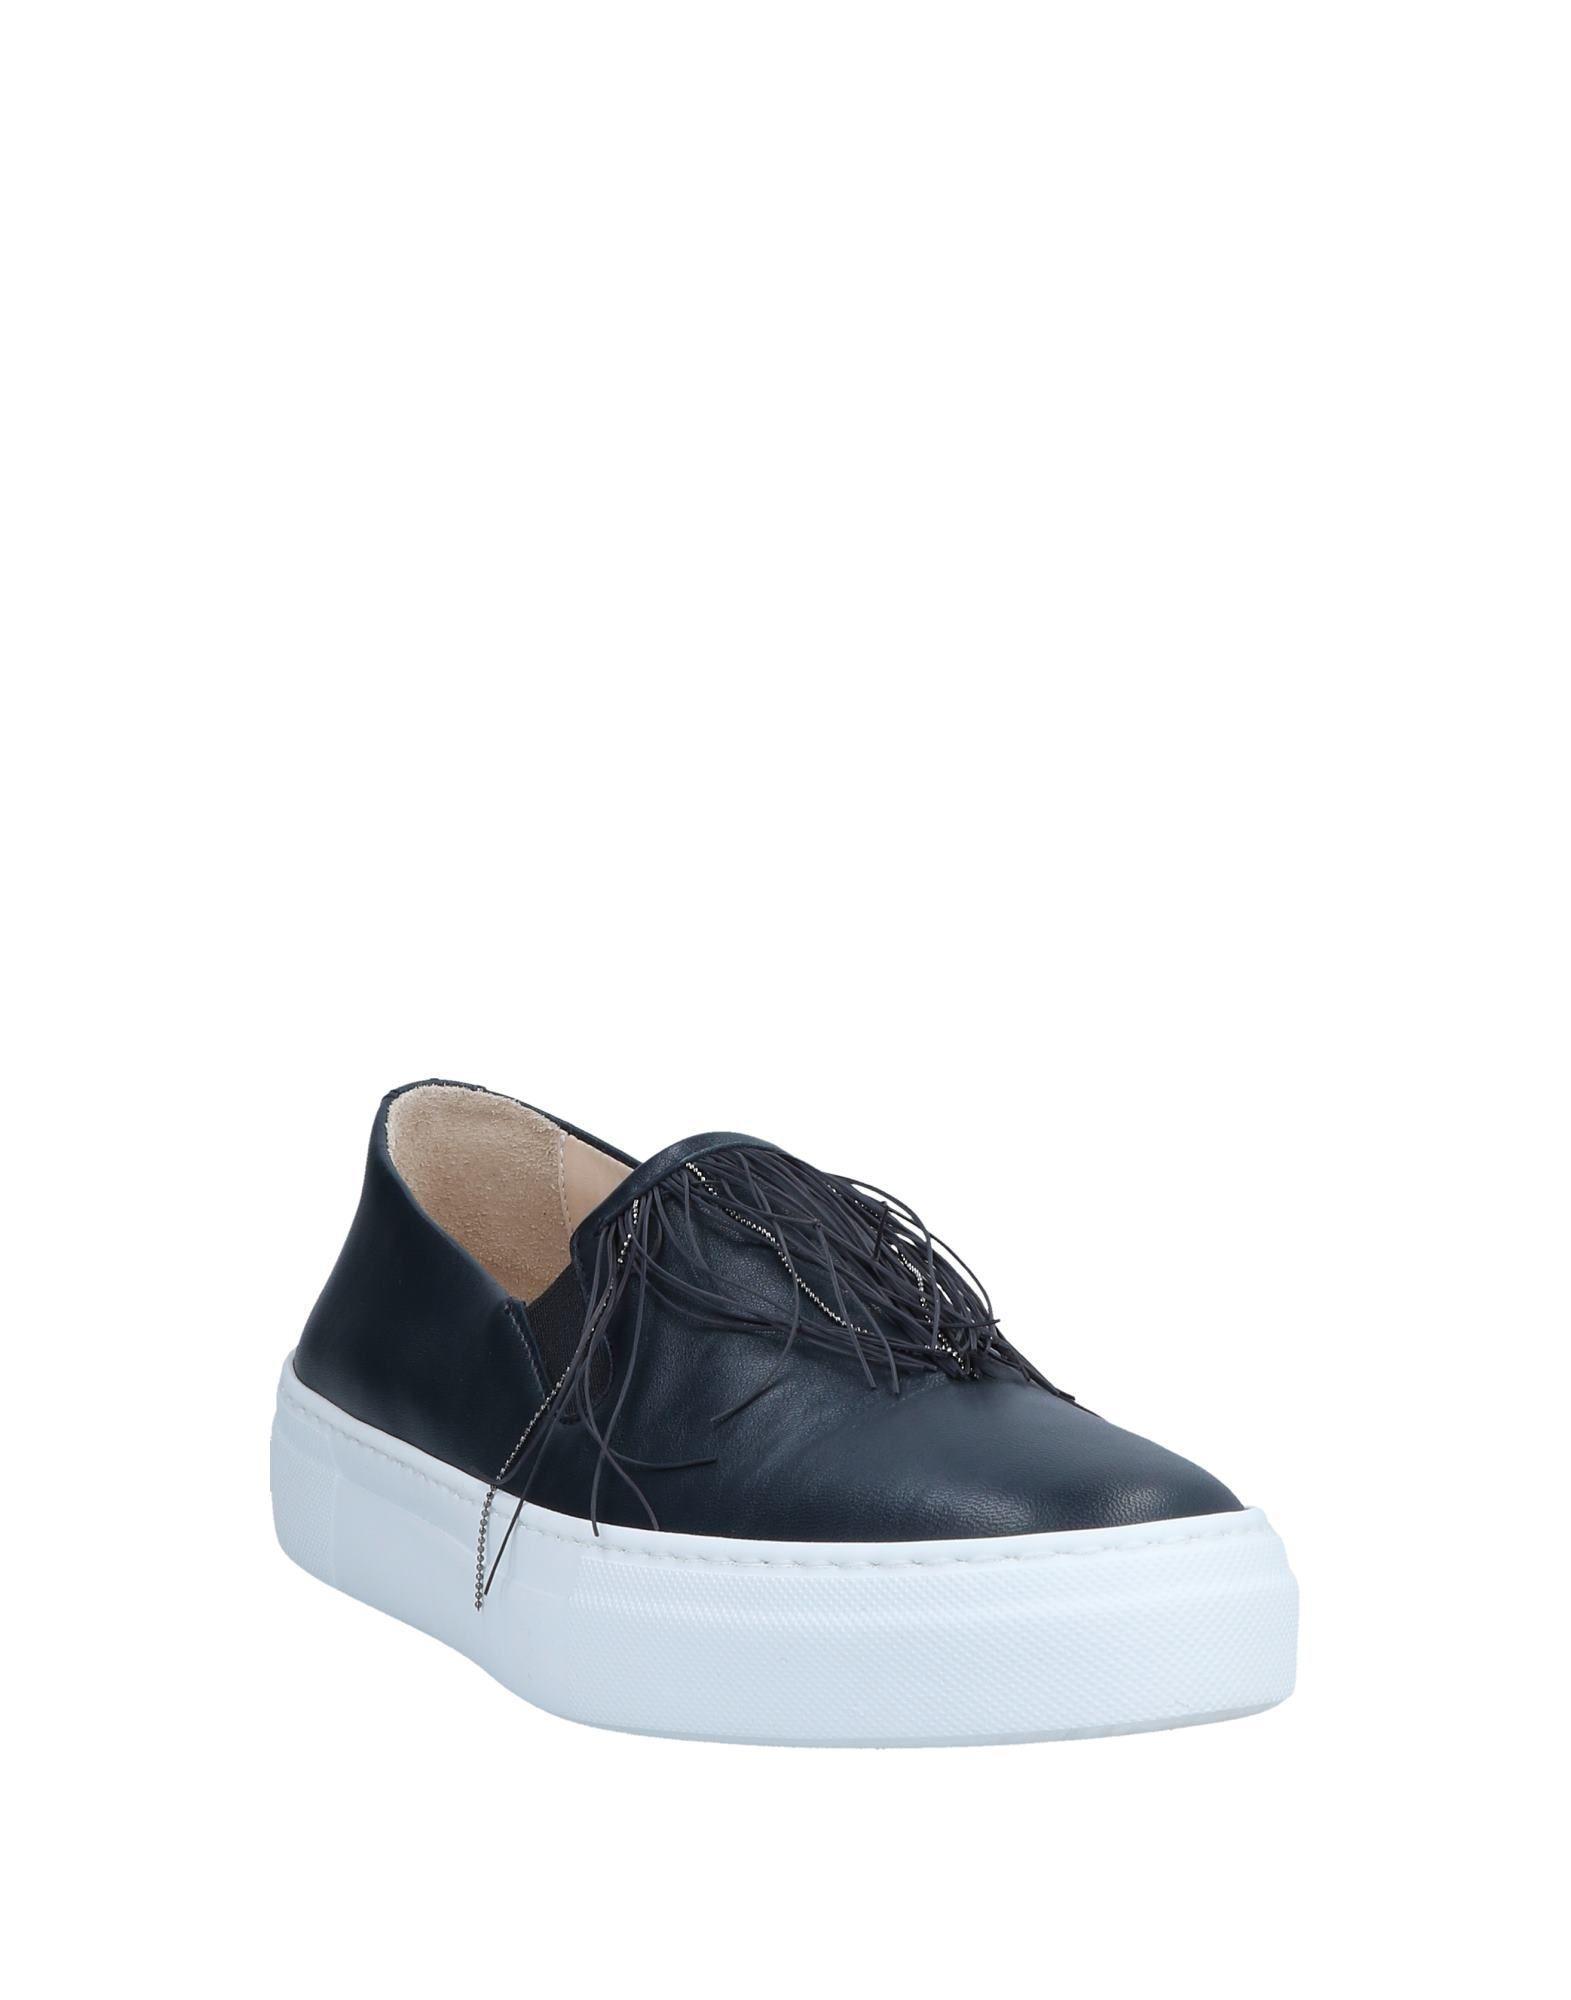 Fabiana Filippi Leather Low-tops & Sneakers in Dark Blue (Blue)